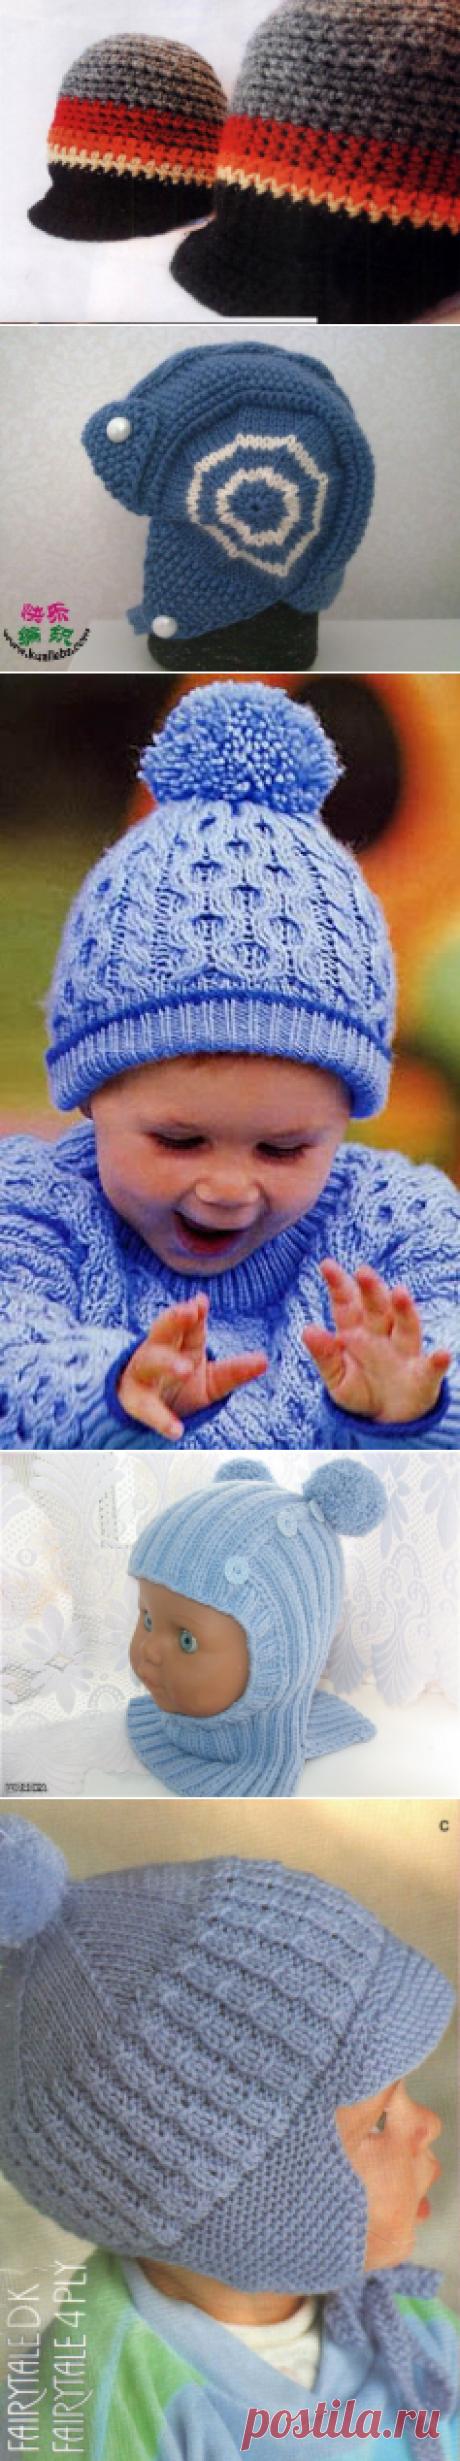 шапочки для мальчиков | Записи в рубрике шапочки для мальчиков | Дневник Сургана